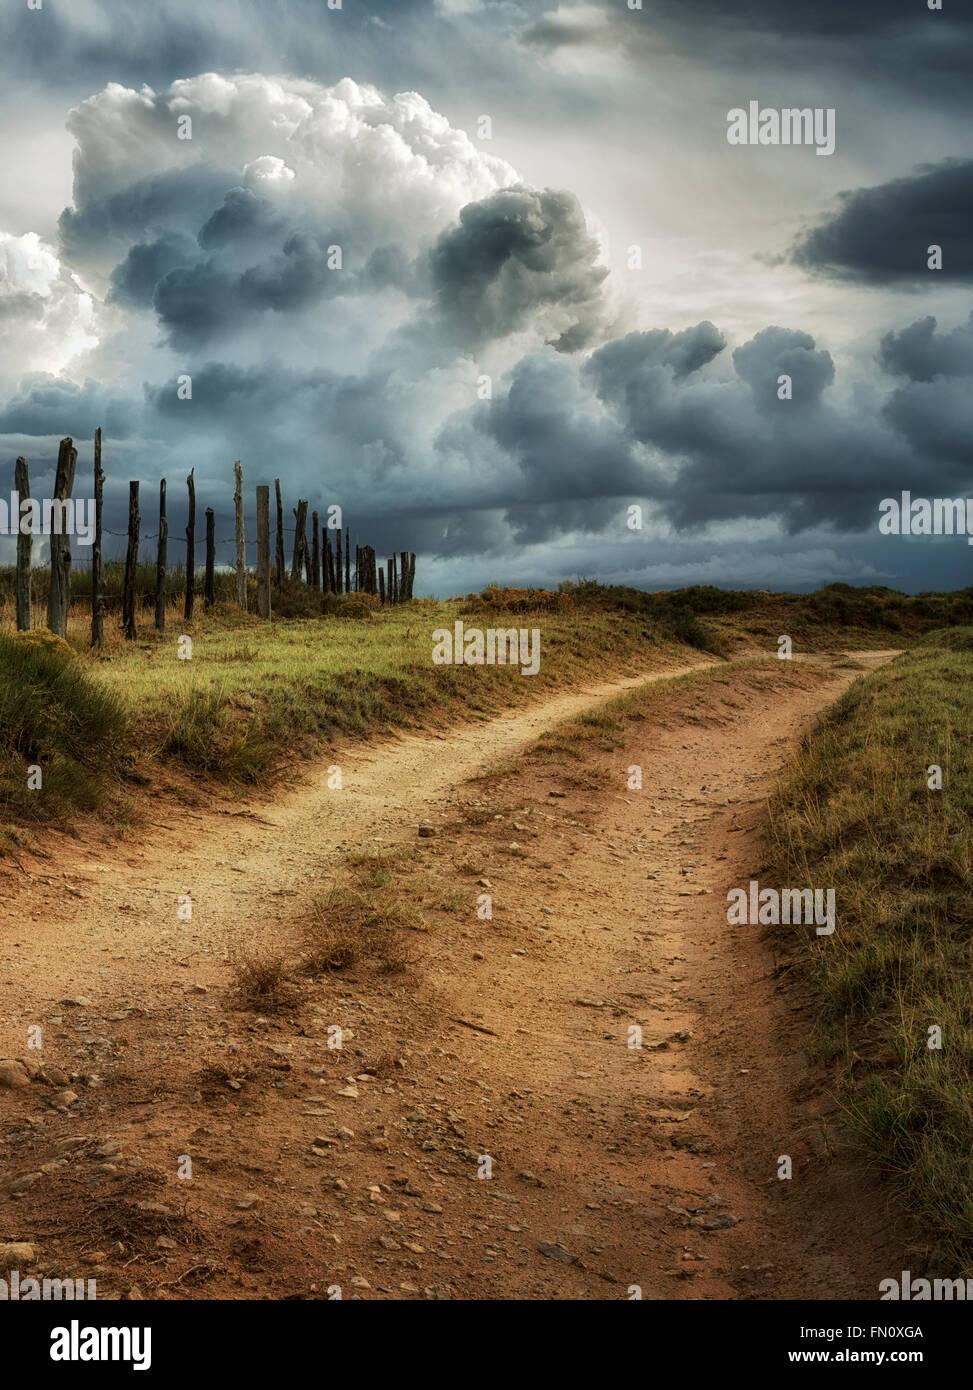 Road, clôture et orage près de Coal Mine Canyon, Arizona Photo Stock